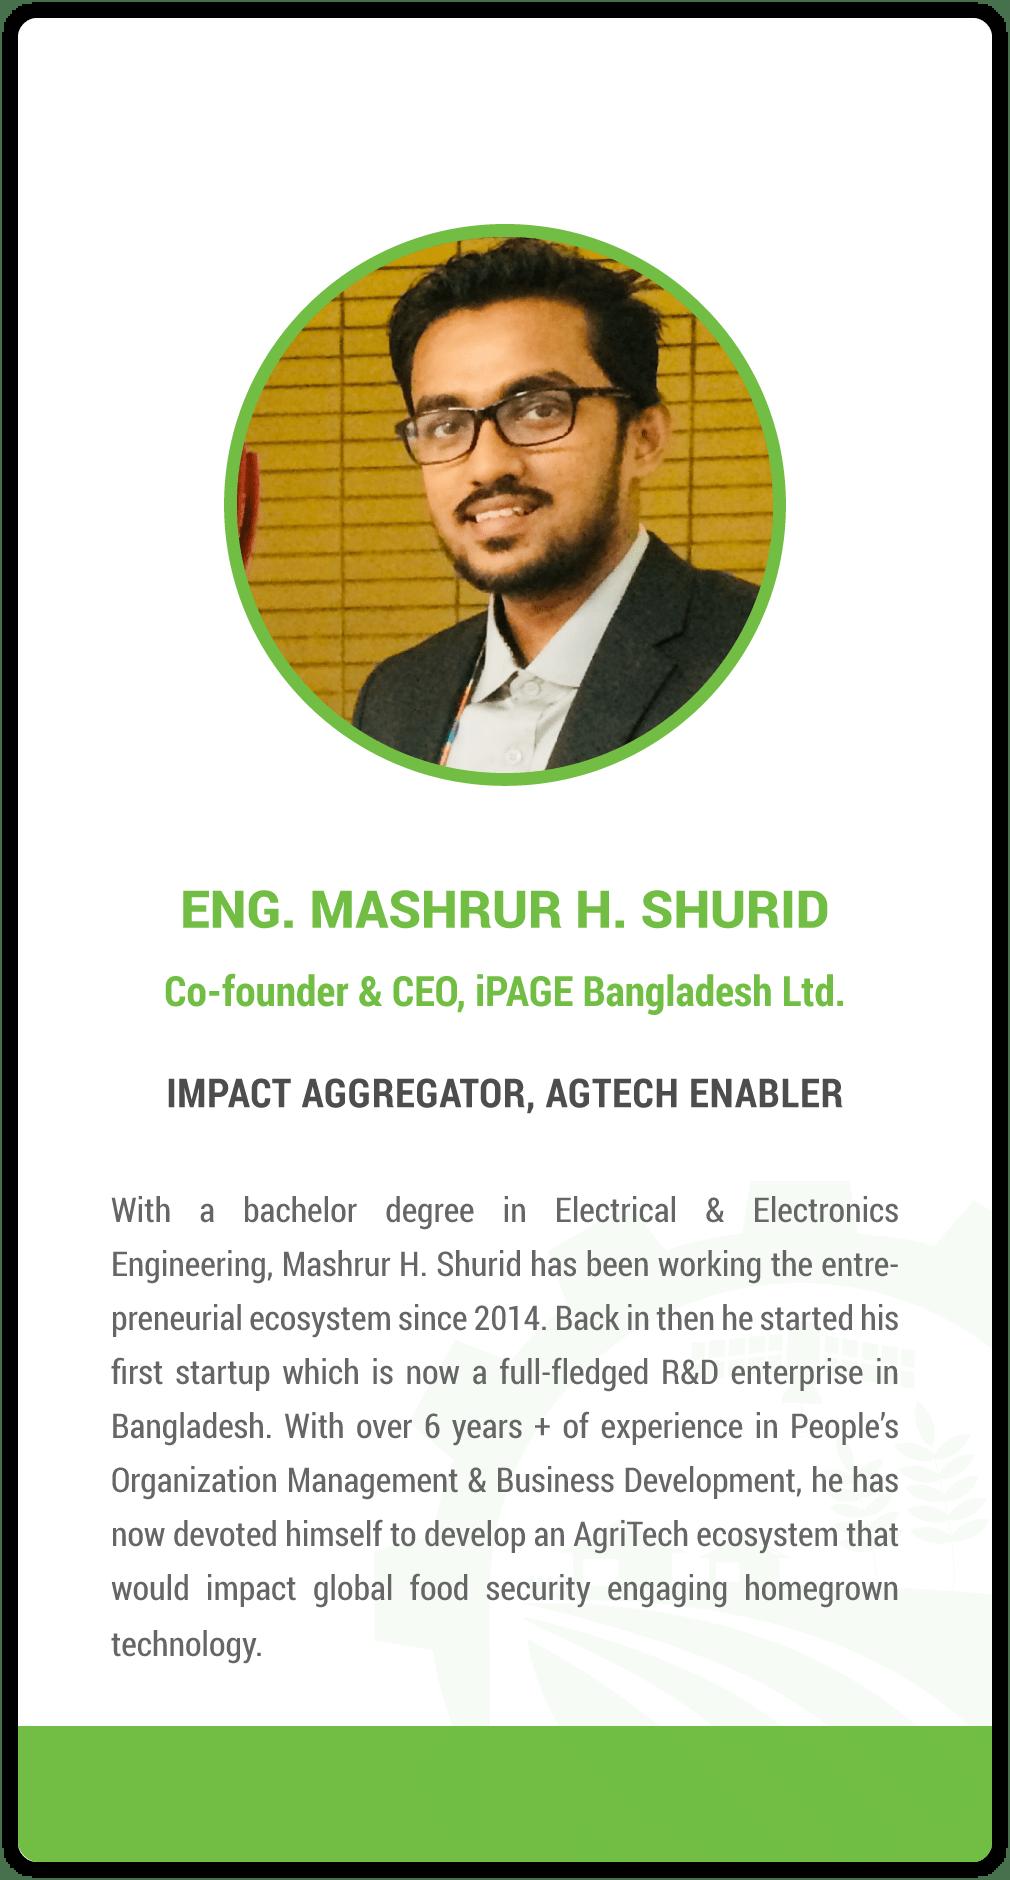 Mashrur H. Shurid